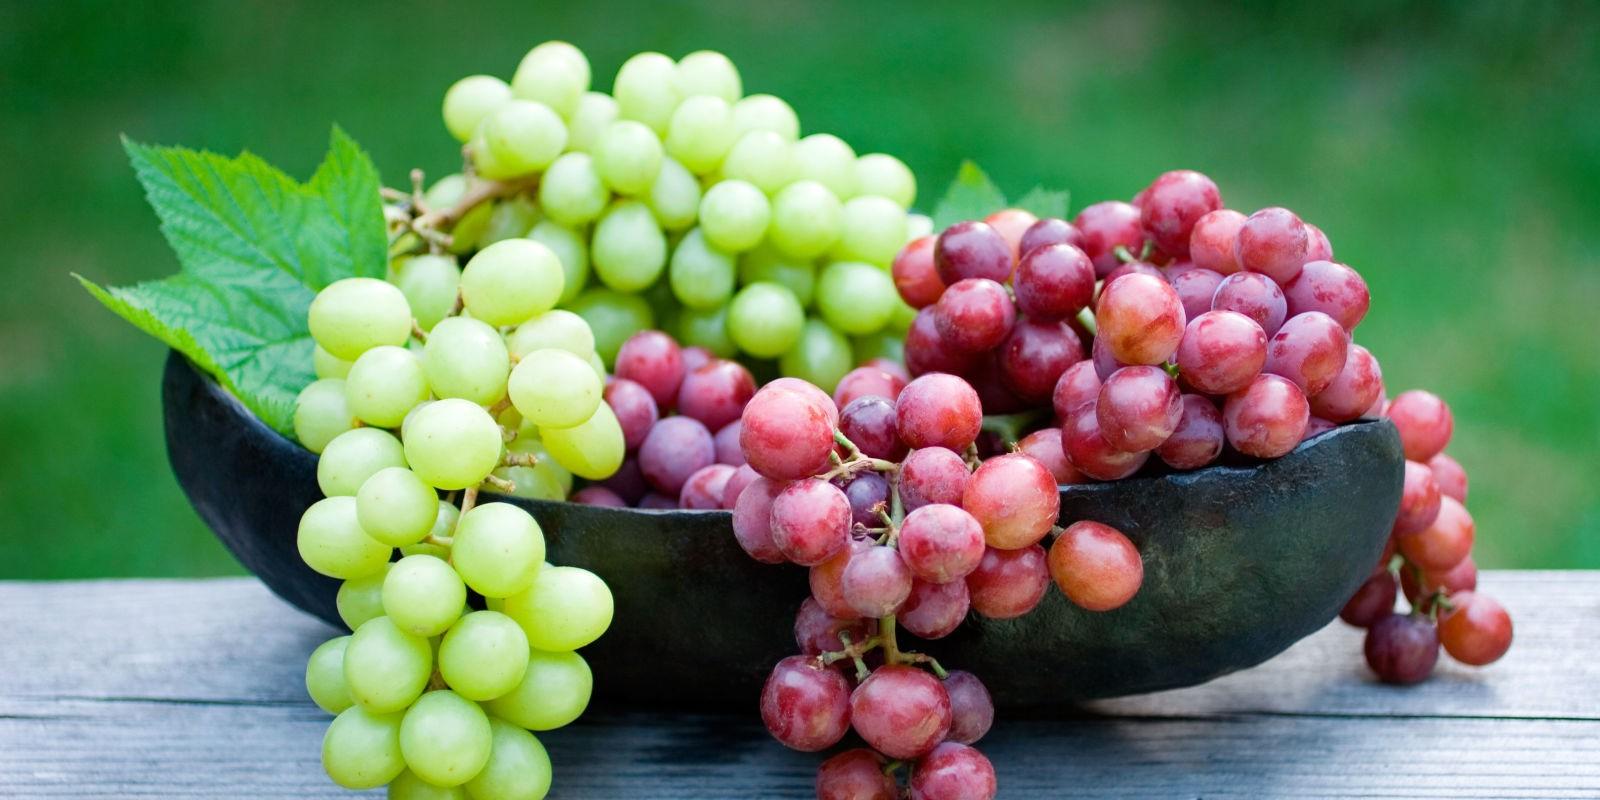 20 uvas no cu - 5 6